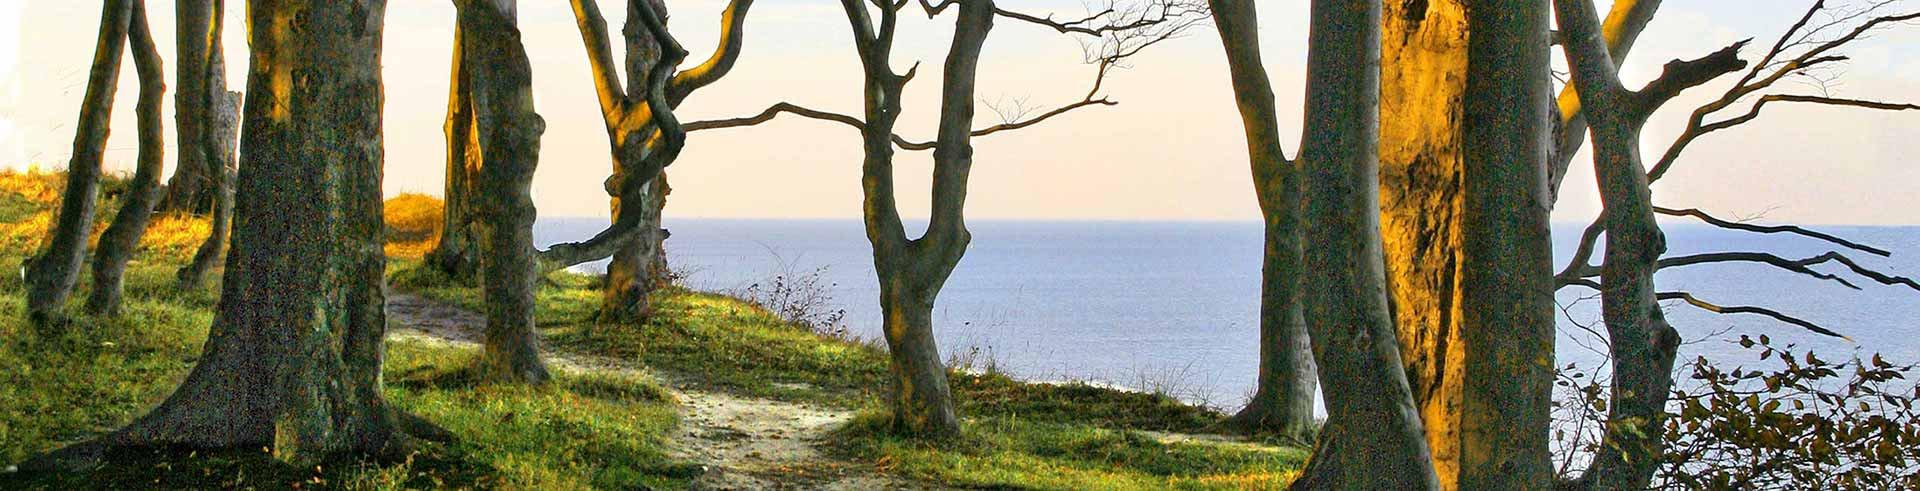 Im Friedwald, Ruheforst, Waldfriedhof oder unserem Begräbniswald direkt an der Ostsee gibt es verschiedene Grabarten zur Urnenbestattung.